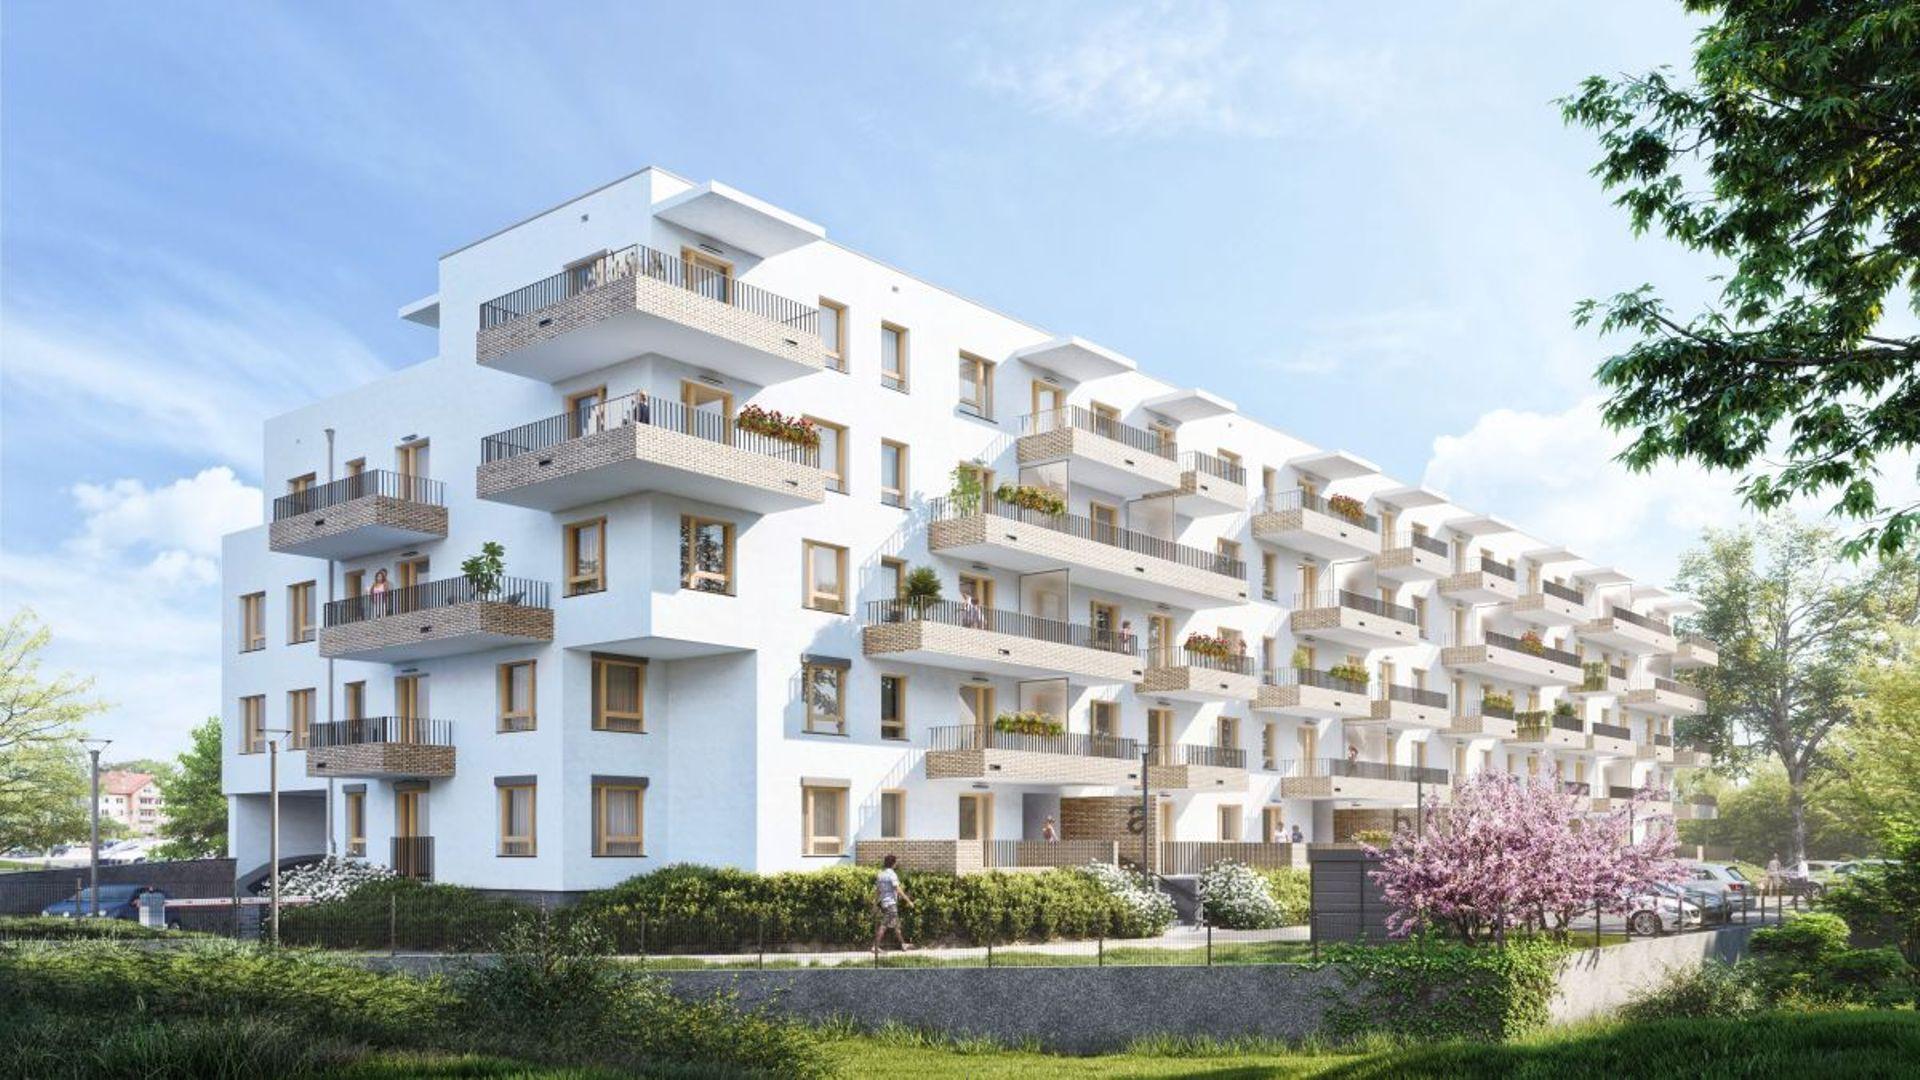 Bouygues Immobilier zrealizuje nową inwestycję mieszkaniową w pobliżu Stadionu Miejskiego we Wrocławiu